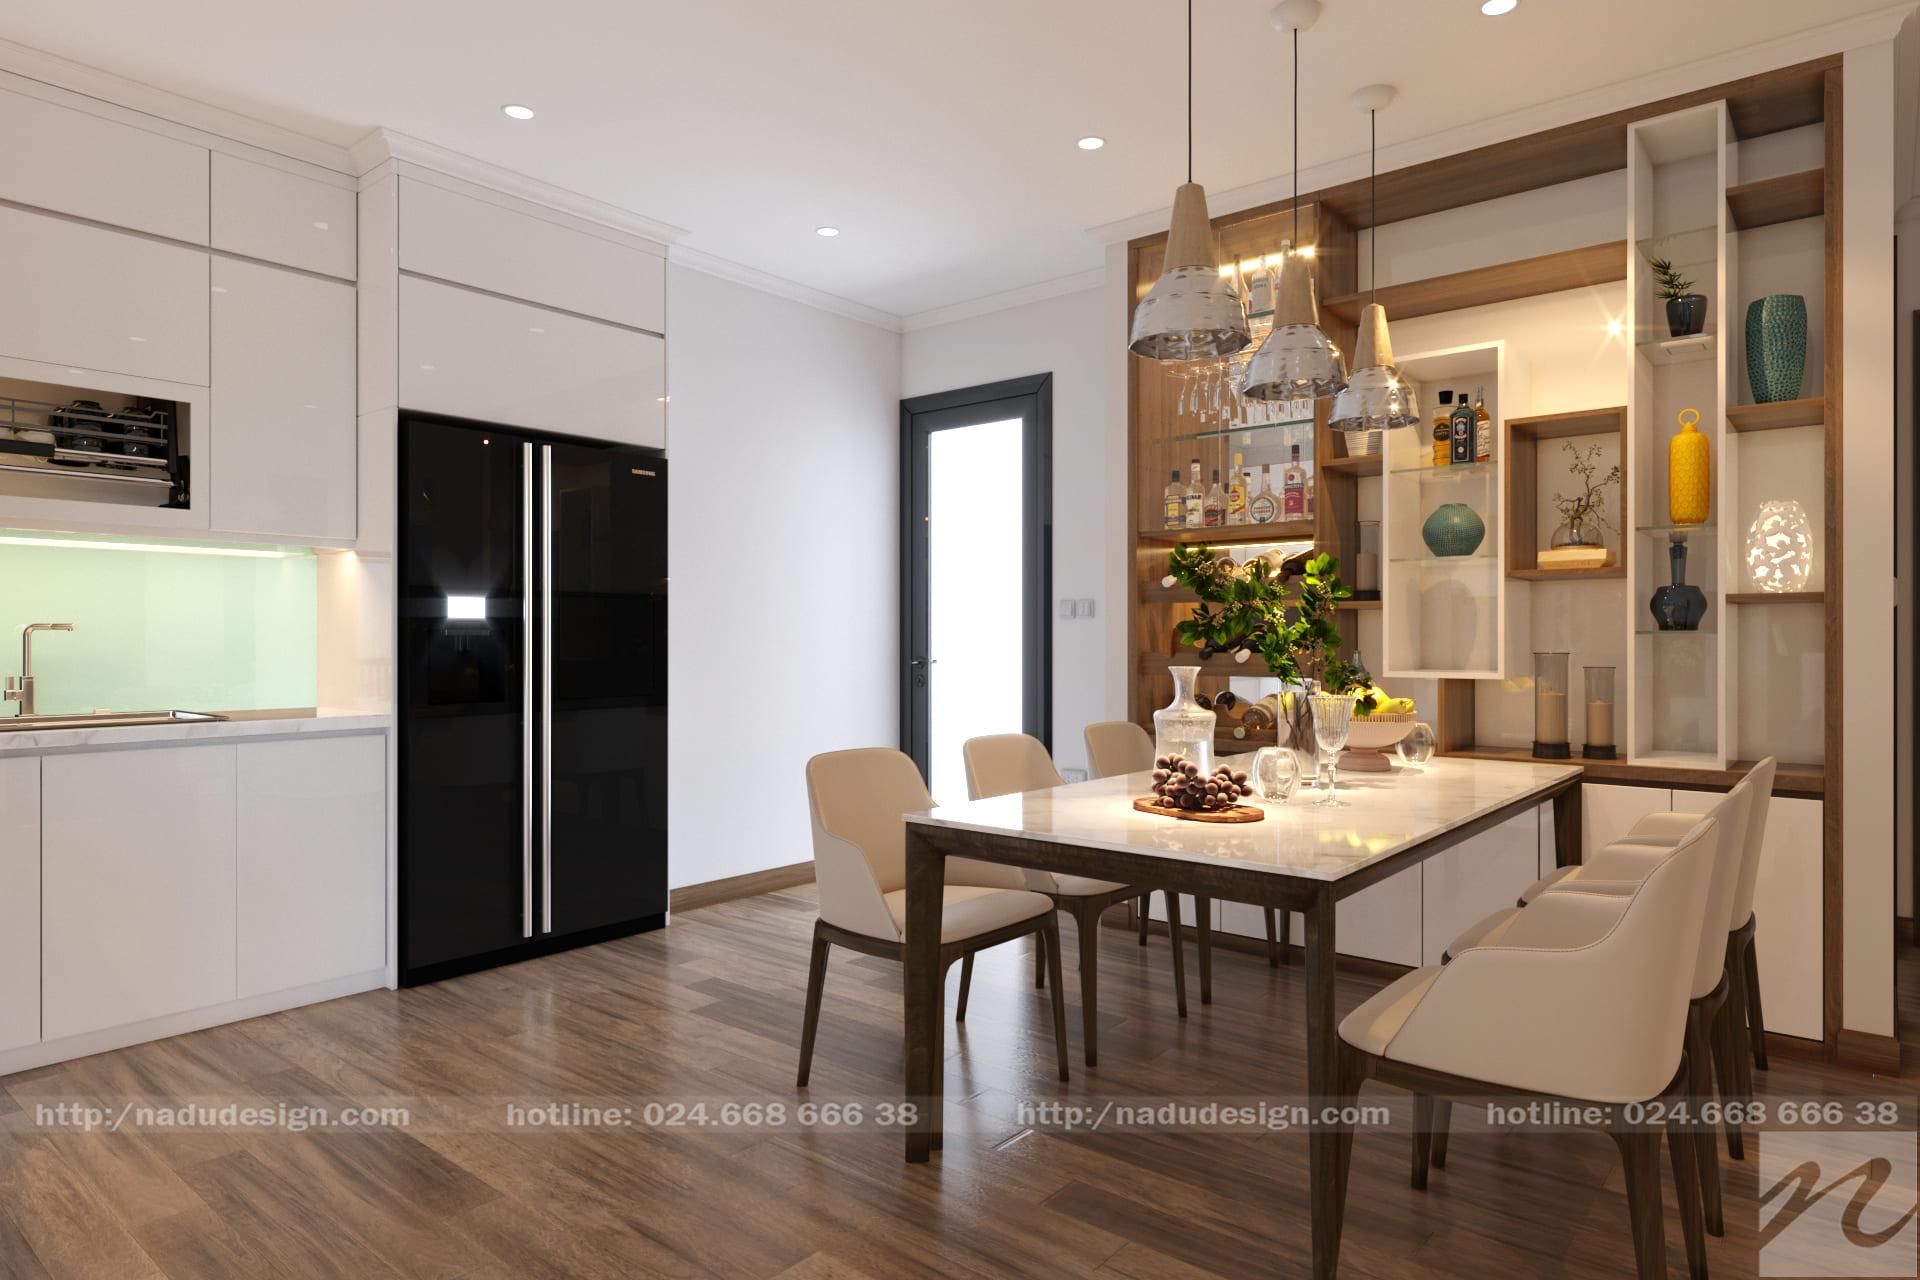 Thiết kế nội thất phòng bếp nhà phố 9